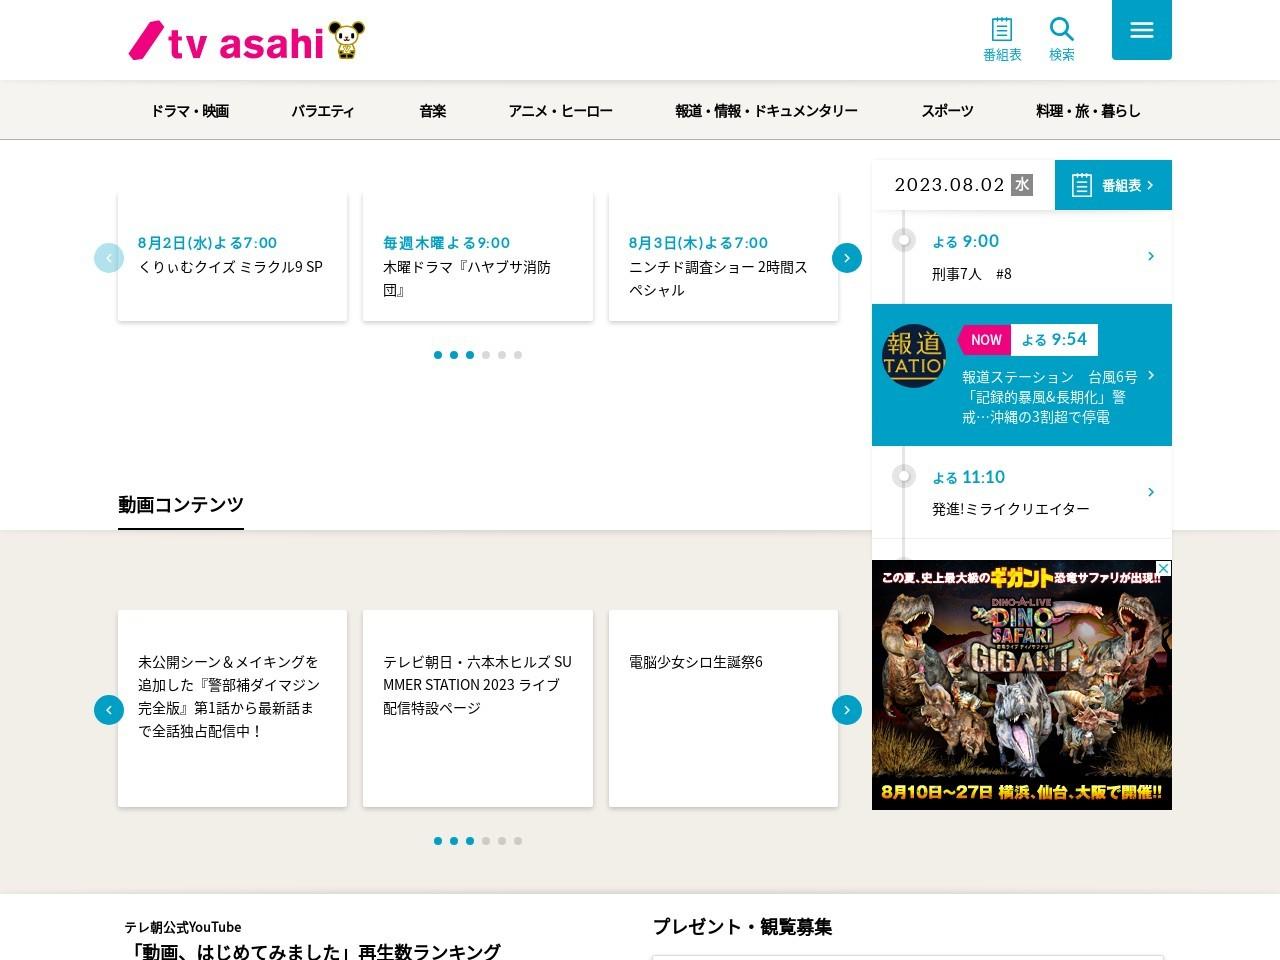 西村京太郎トラベルミステリー69 金沢~東京 殺人ルート 2時間33分の罠公式サイト